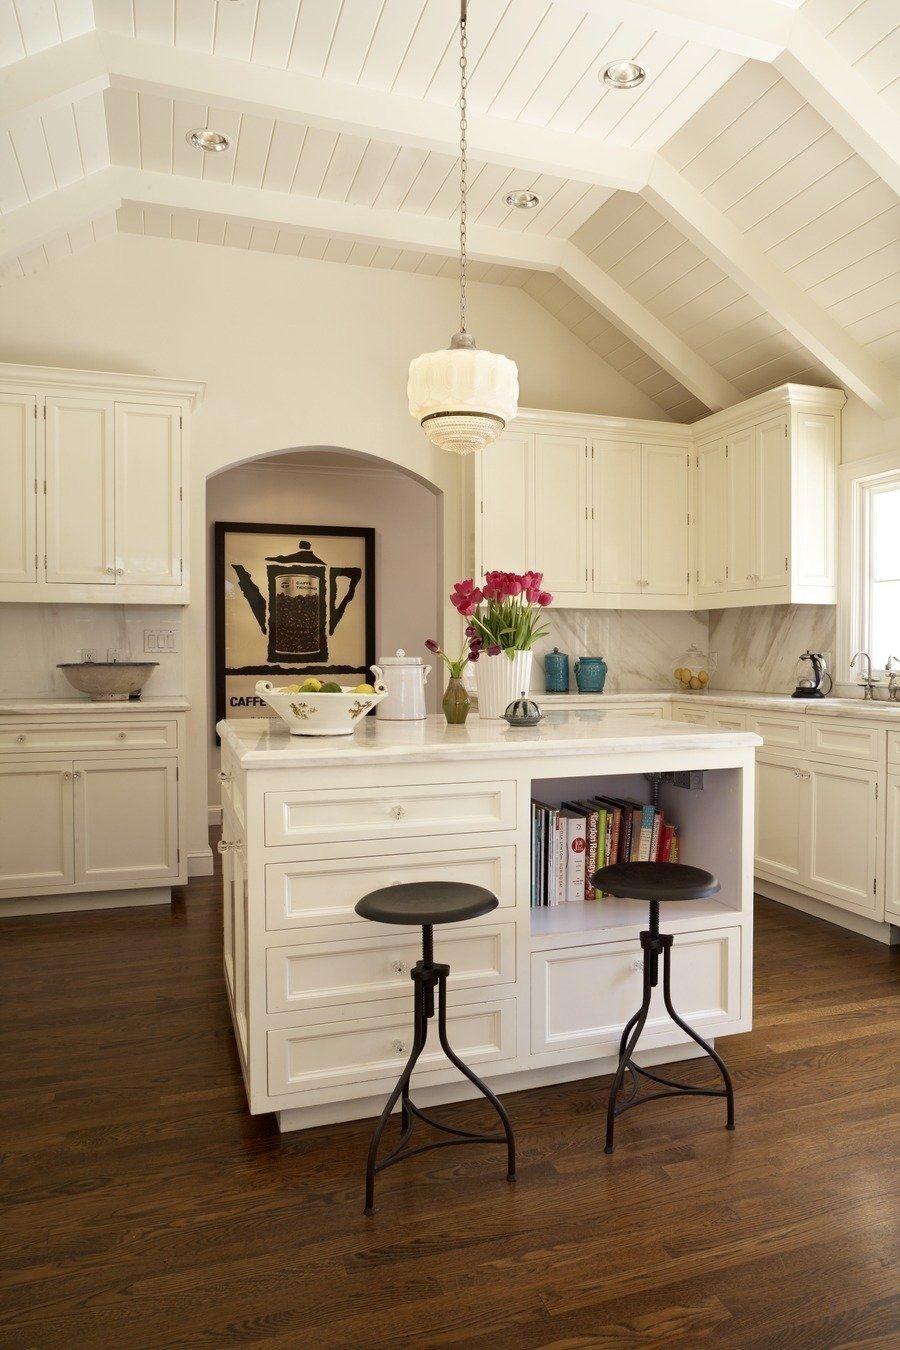 kitchen interior design bar stool kitchen cabinets kitchen island kishani perera